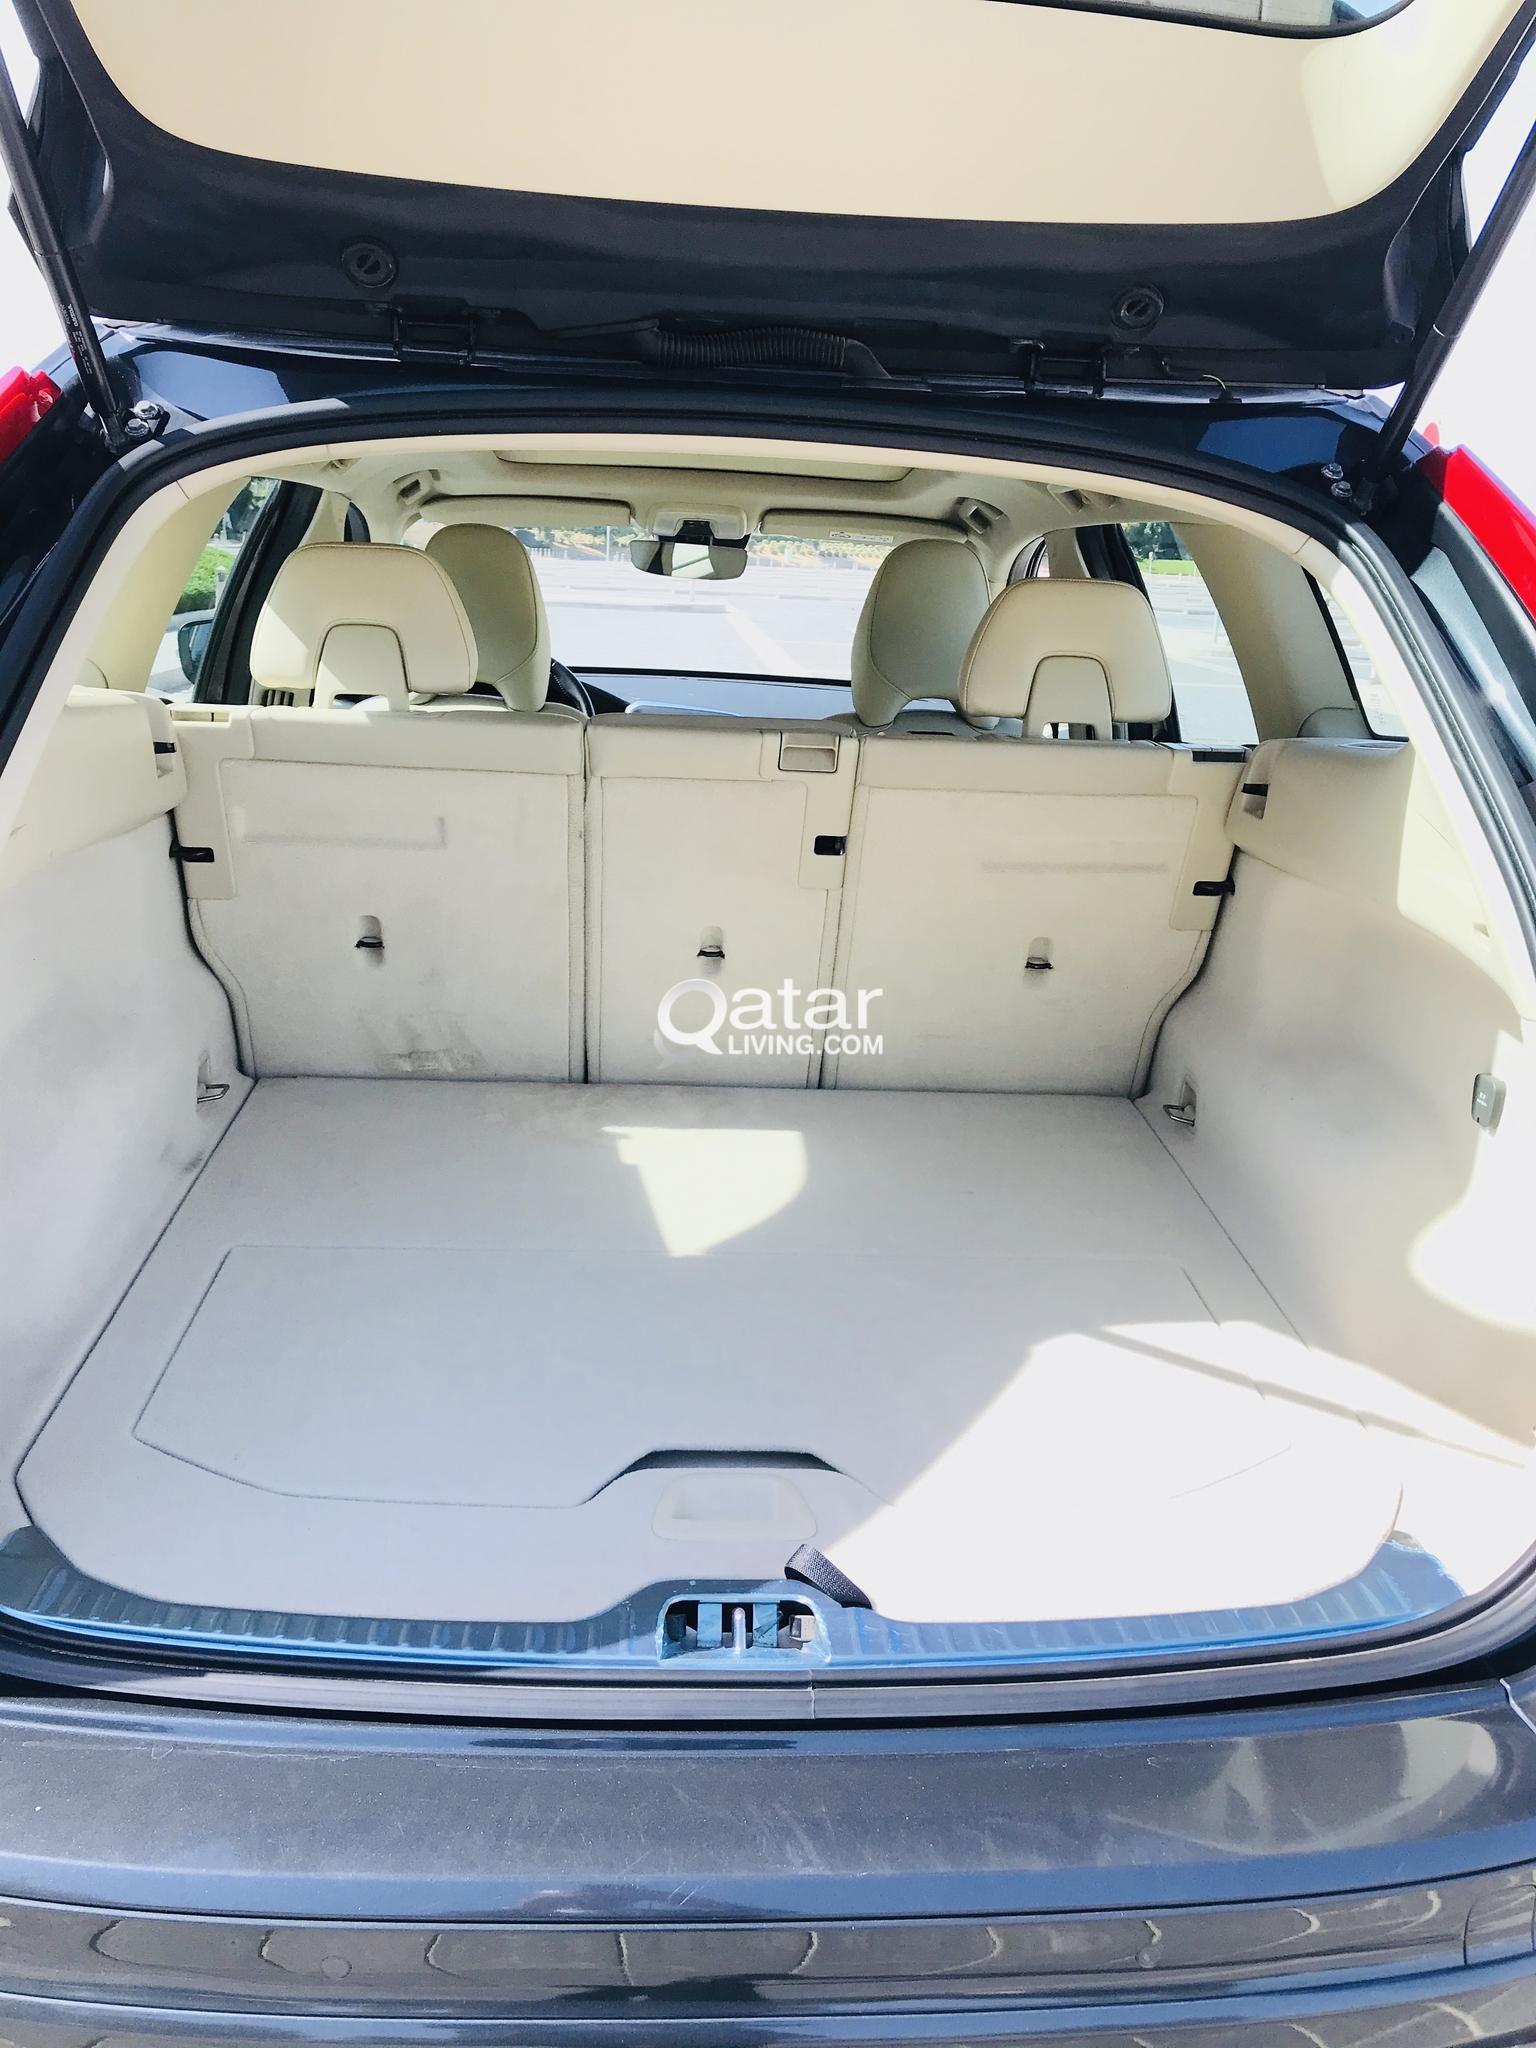 XC60 Comfort 2016M 2.0L